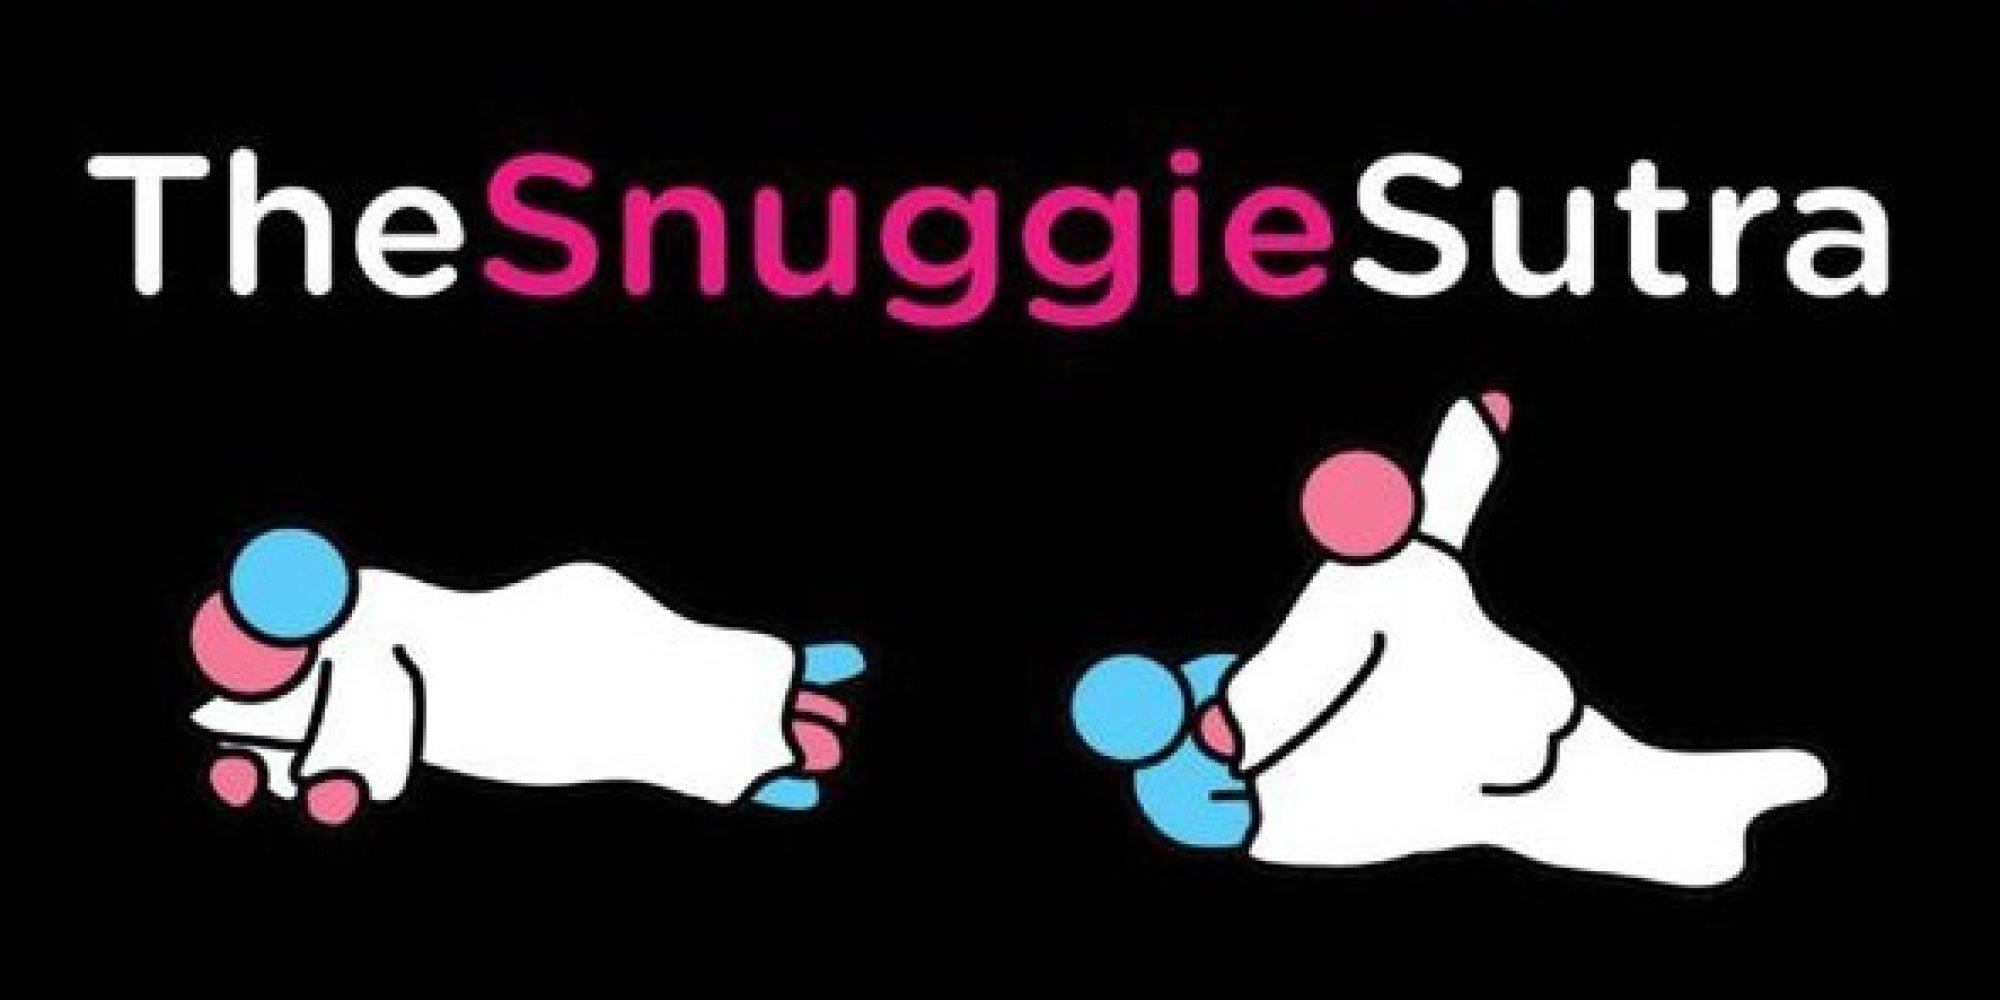 having sex in a snuggie